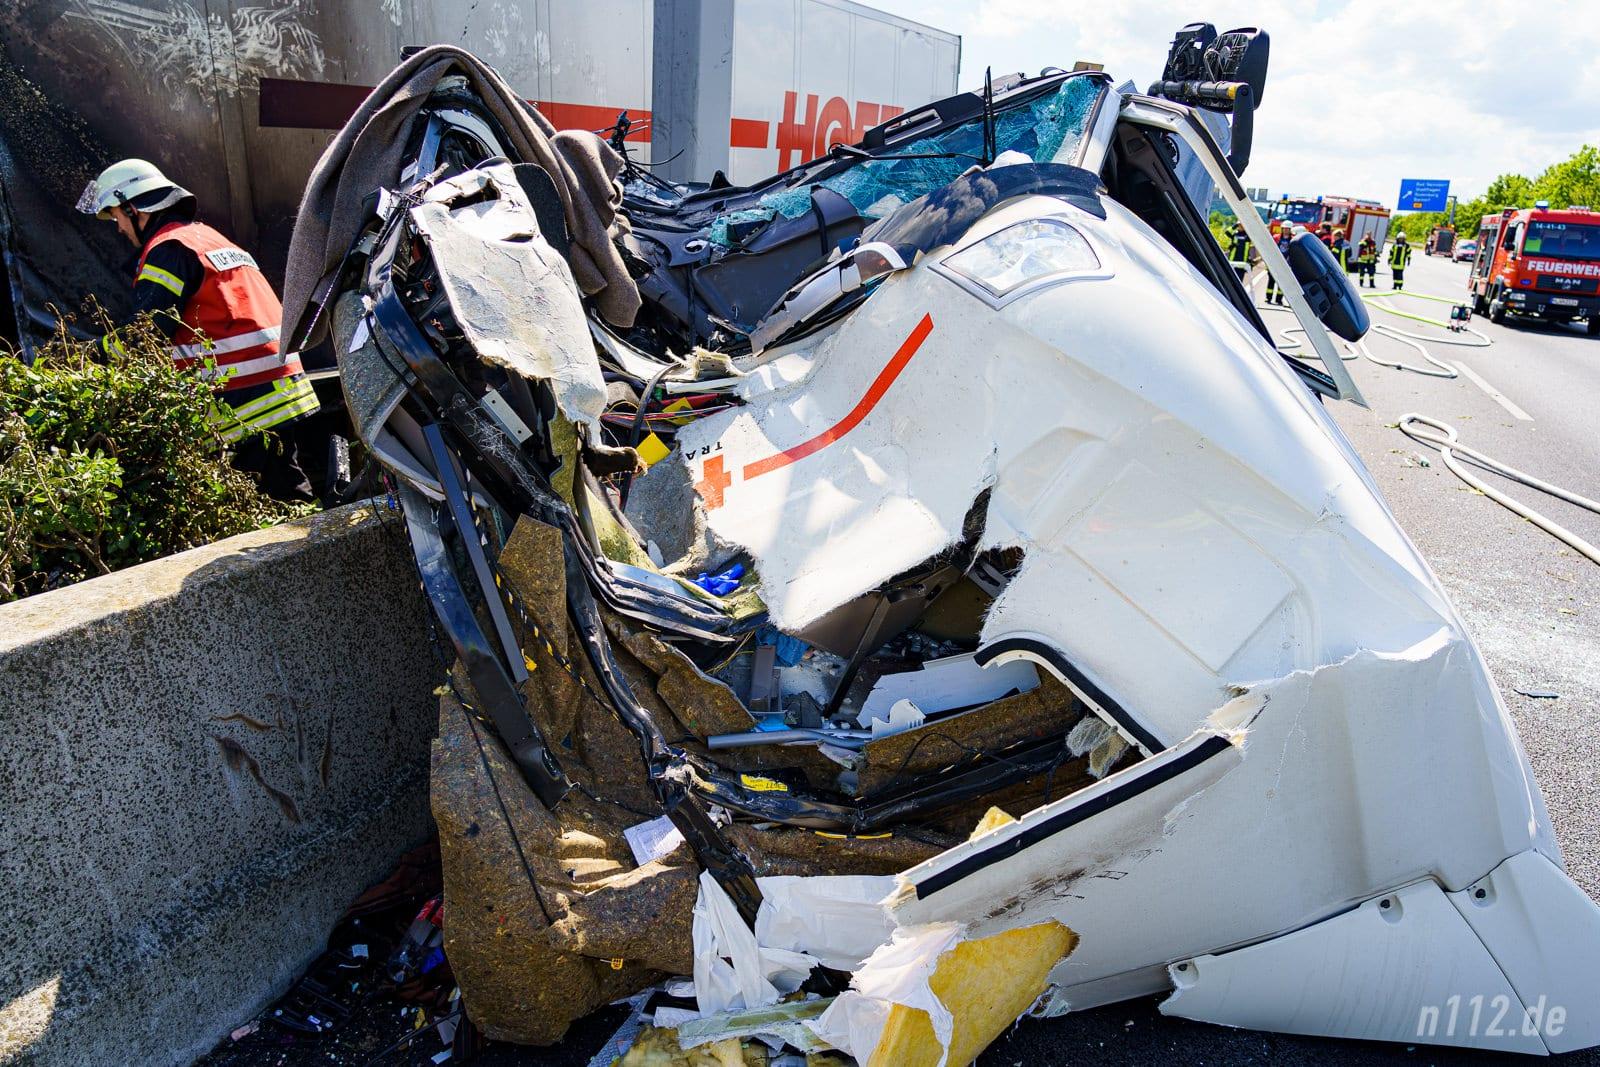 Die völlig demolierte Fahrerkabine liegt abgerissen auf der Gegenfahrbahn (Foto: n112.de/Stefan Simonsen)